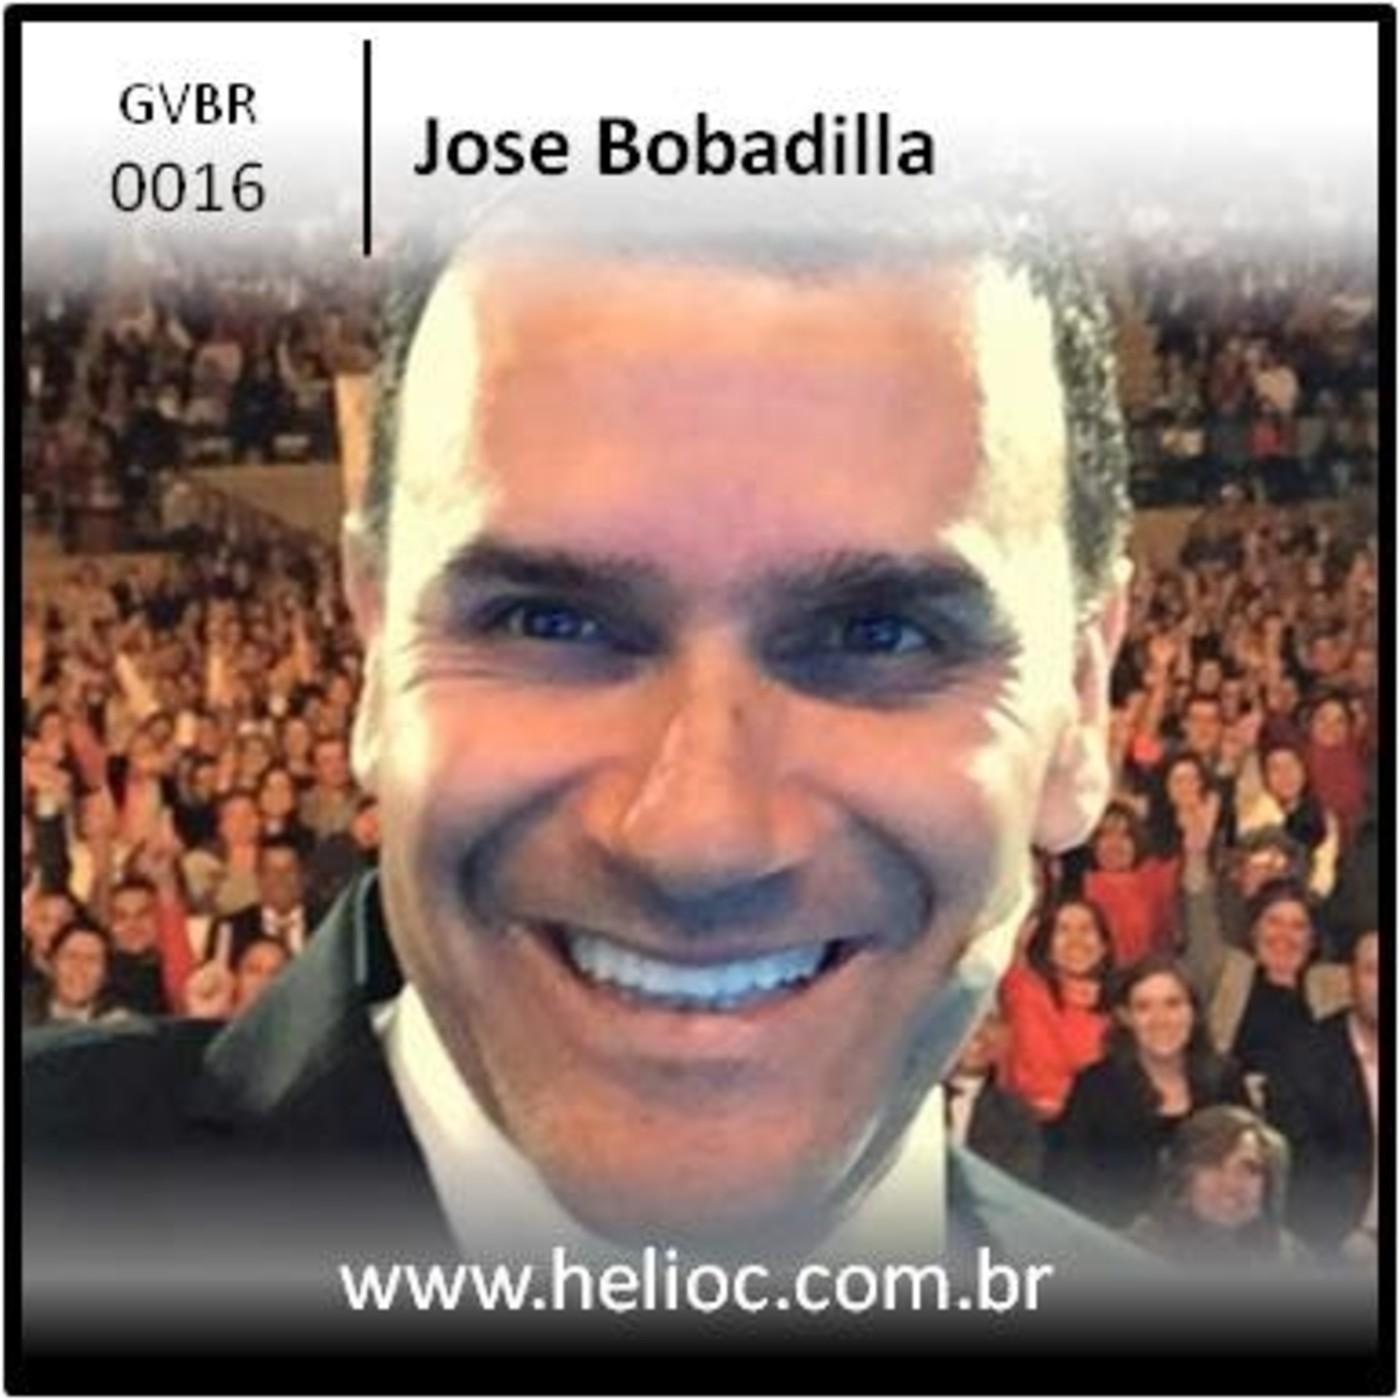 GVBR 0016 - Voce Pode Sonhar Todos Os Dias - Jose Bobadilla